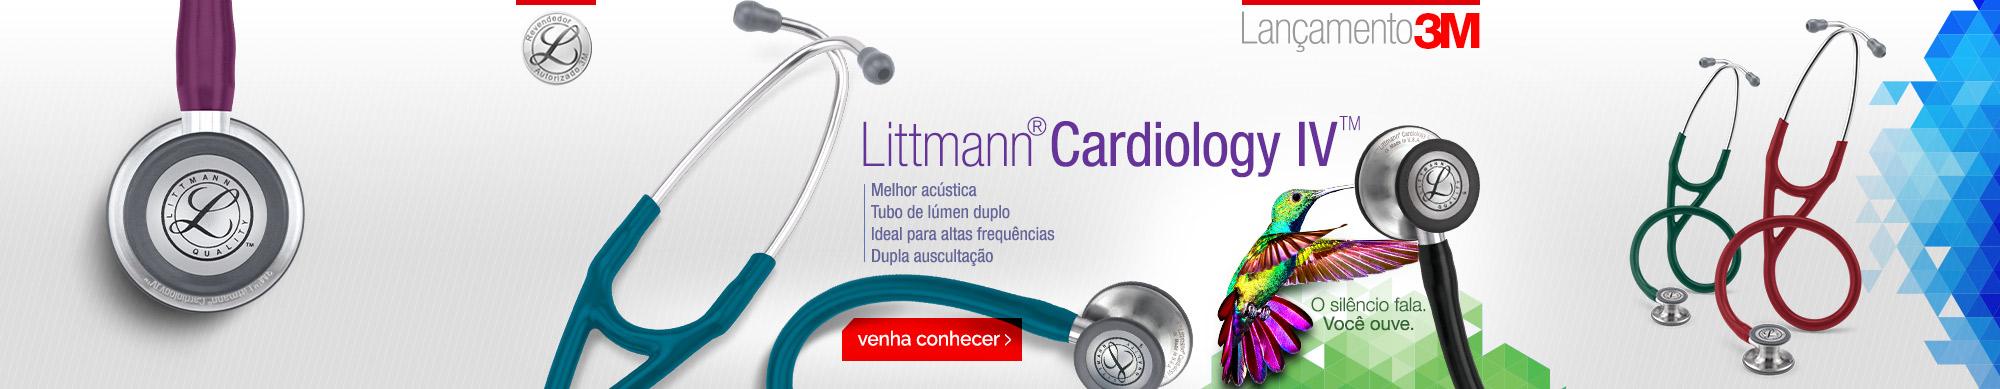 Banner-Lancamento-CardiologyIV